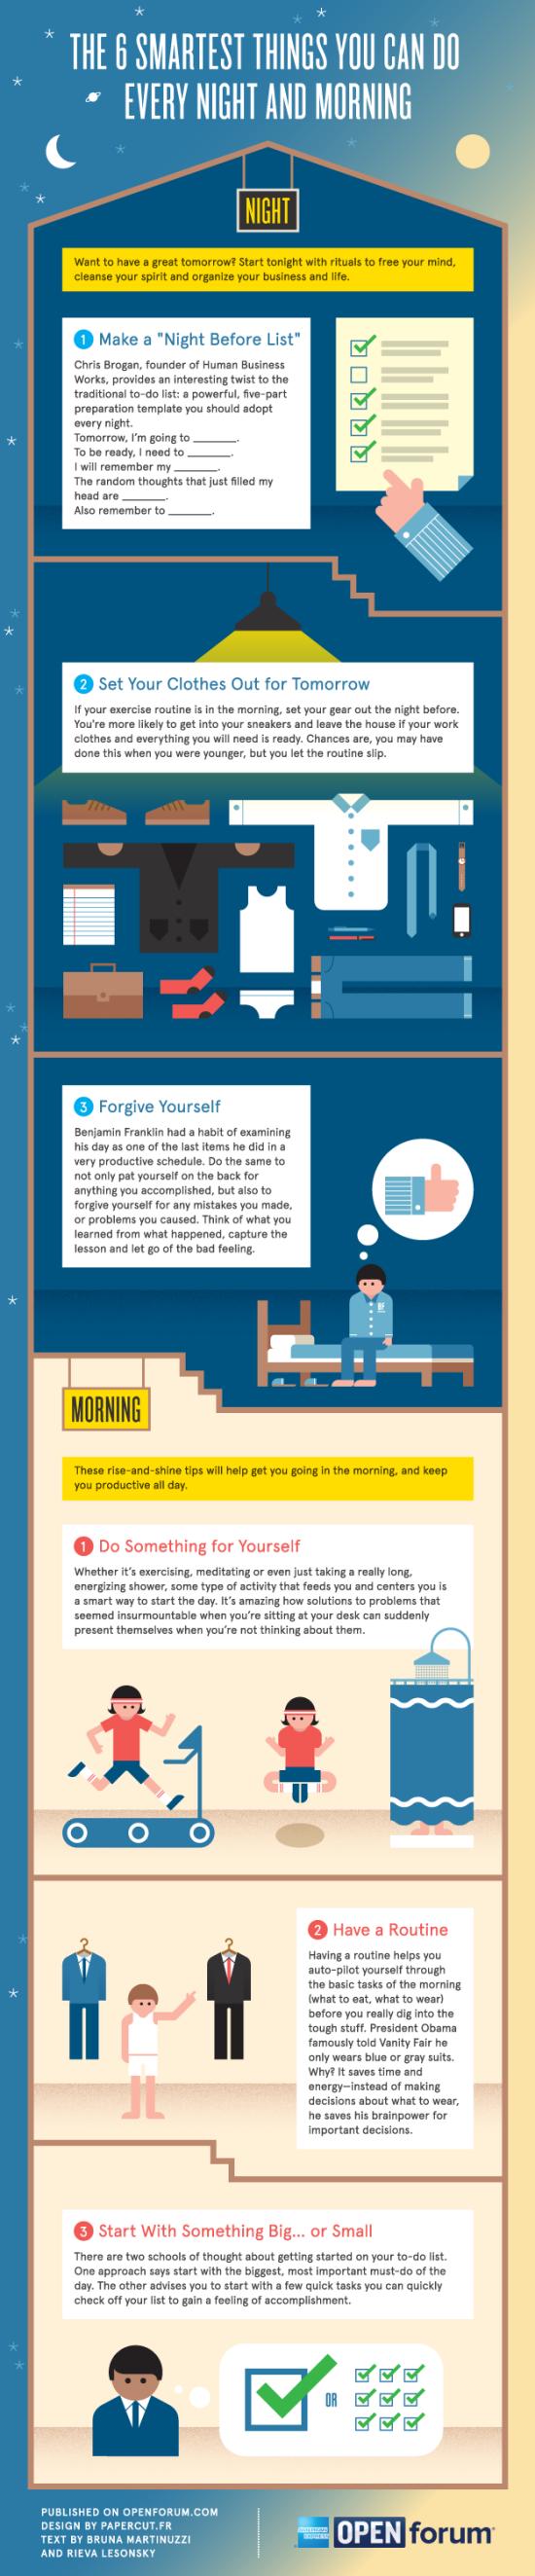 6 nejchytřejších věcí, které můžete dělat každý večer a ráno